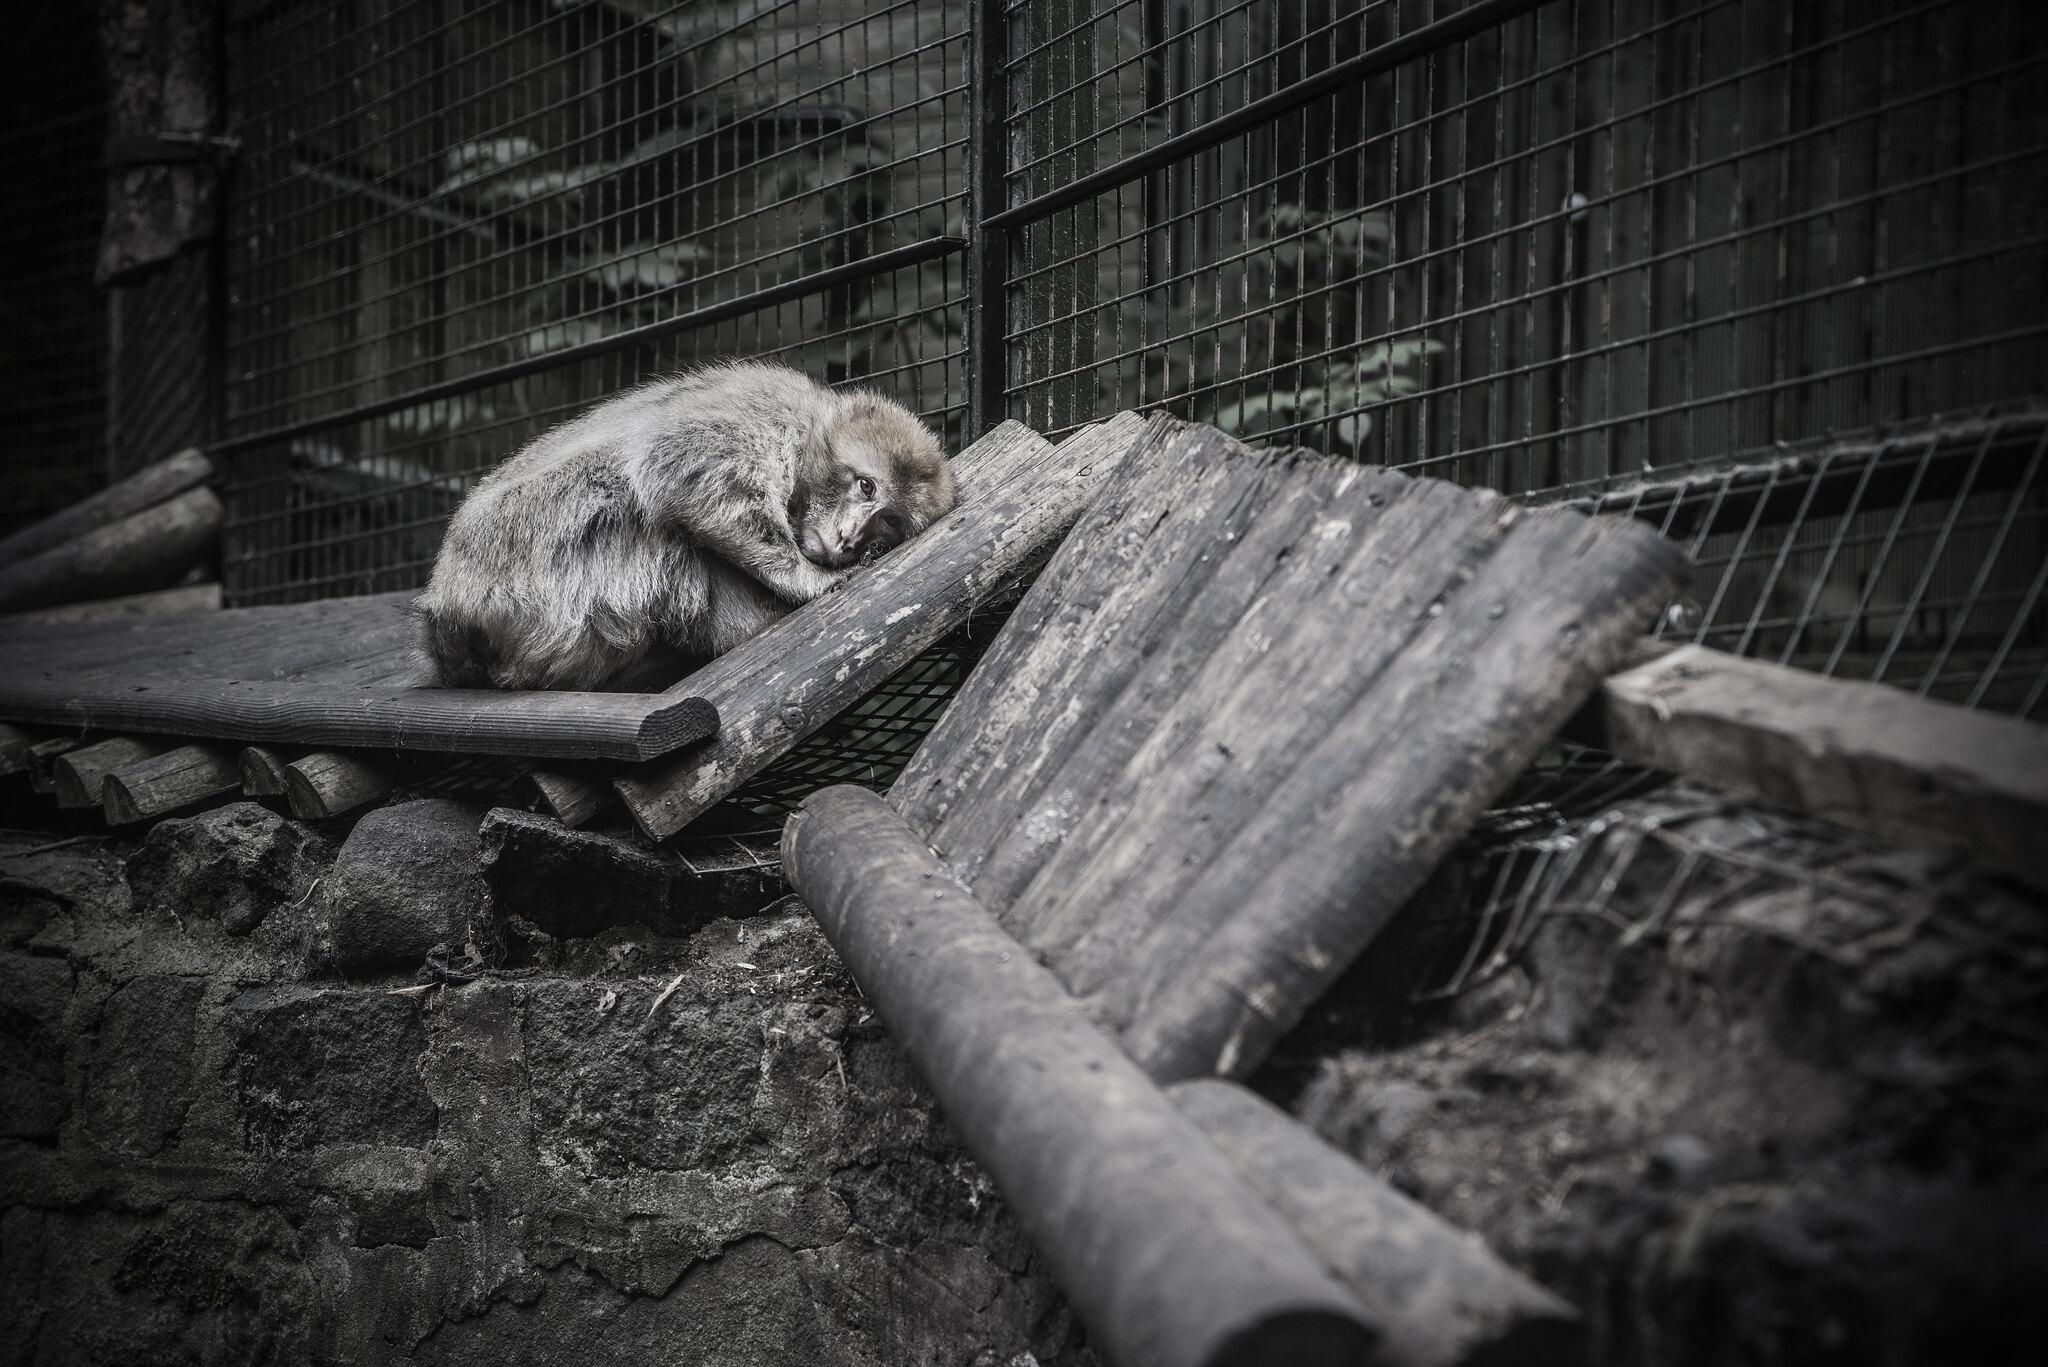 Animals in European Zoos: A Photo Exhibition (c) Britta Jaschinski